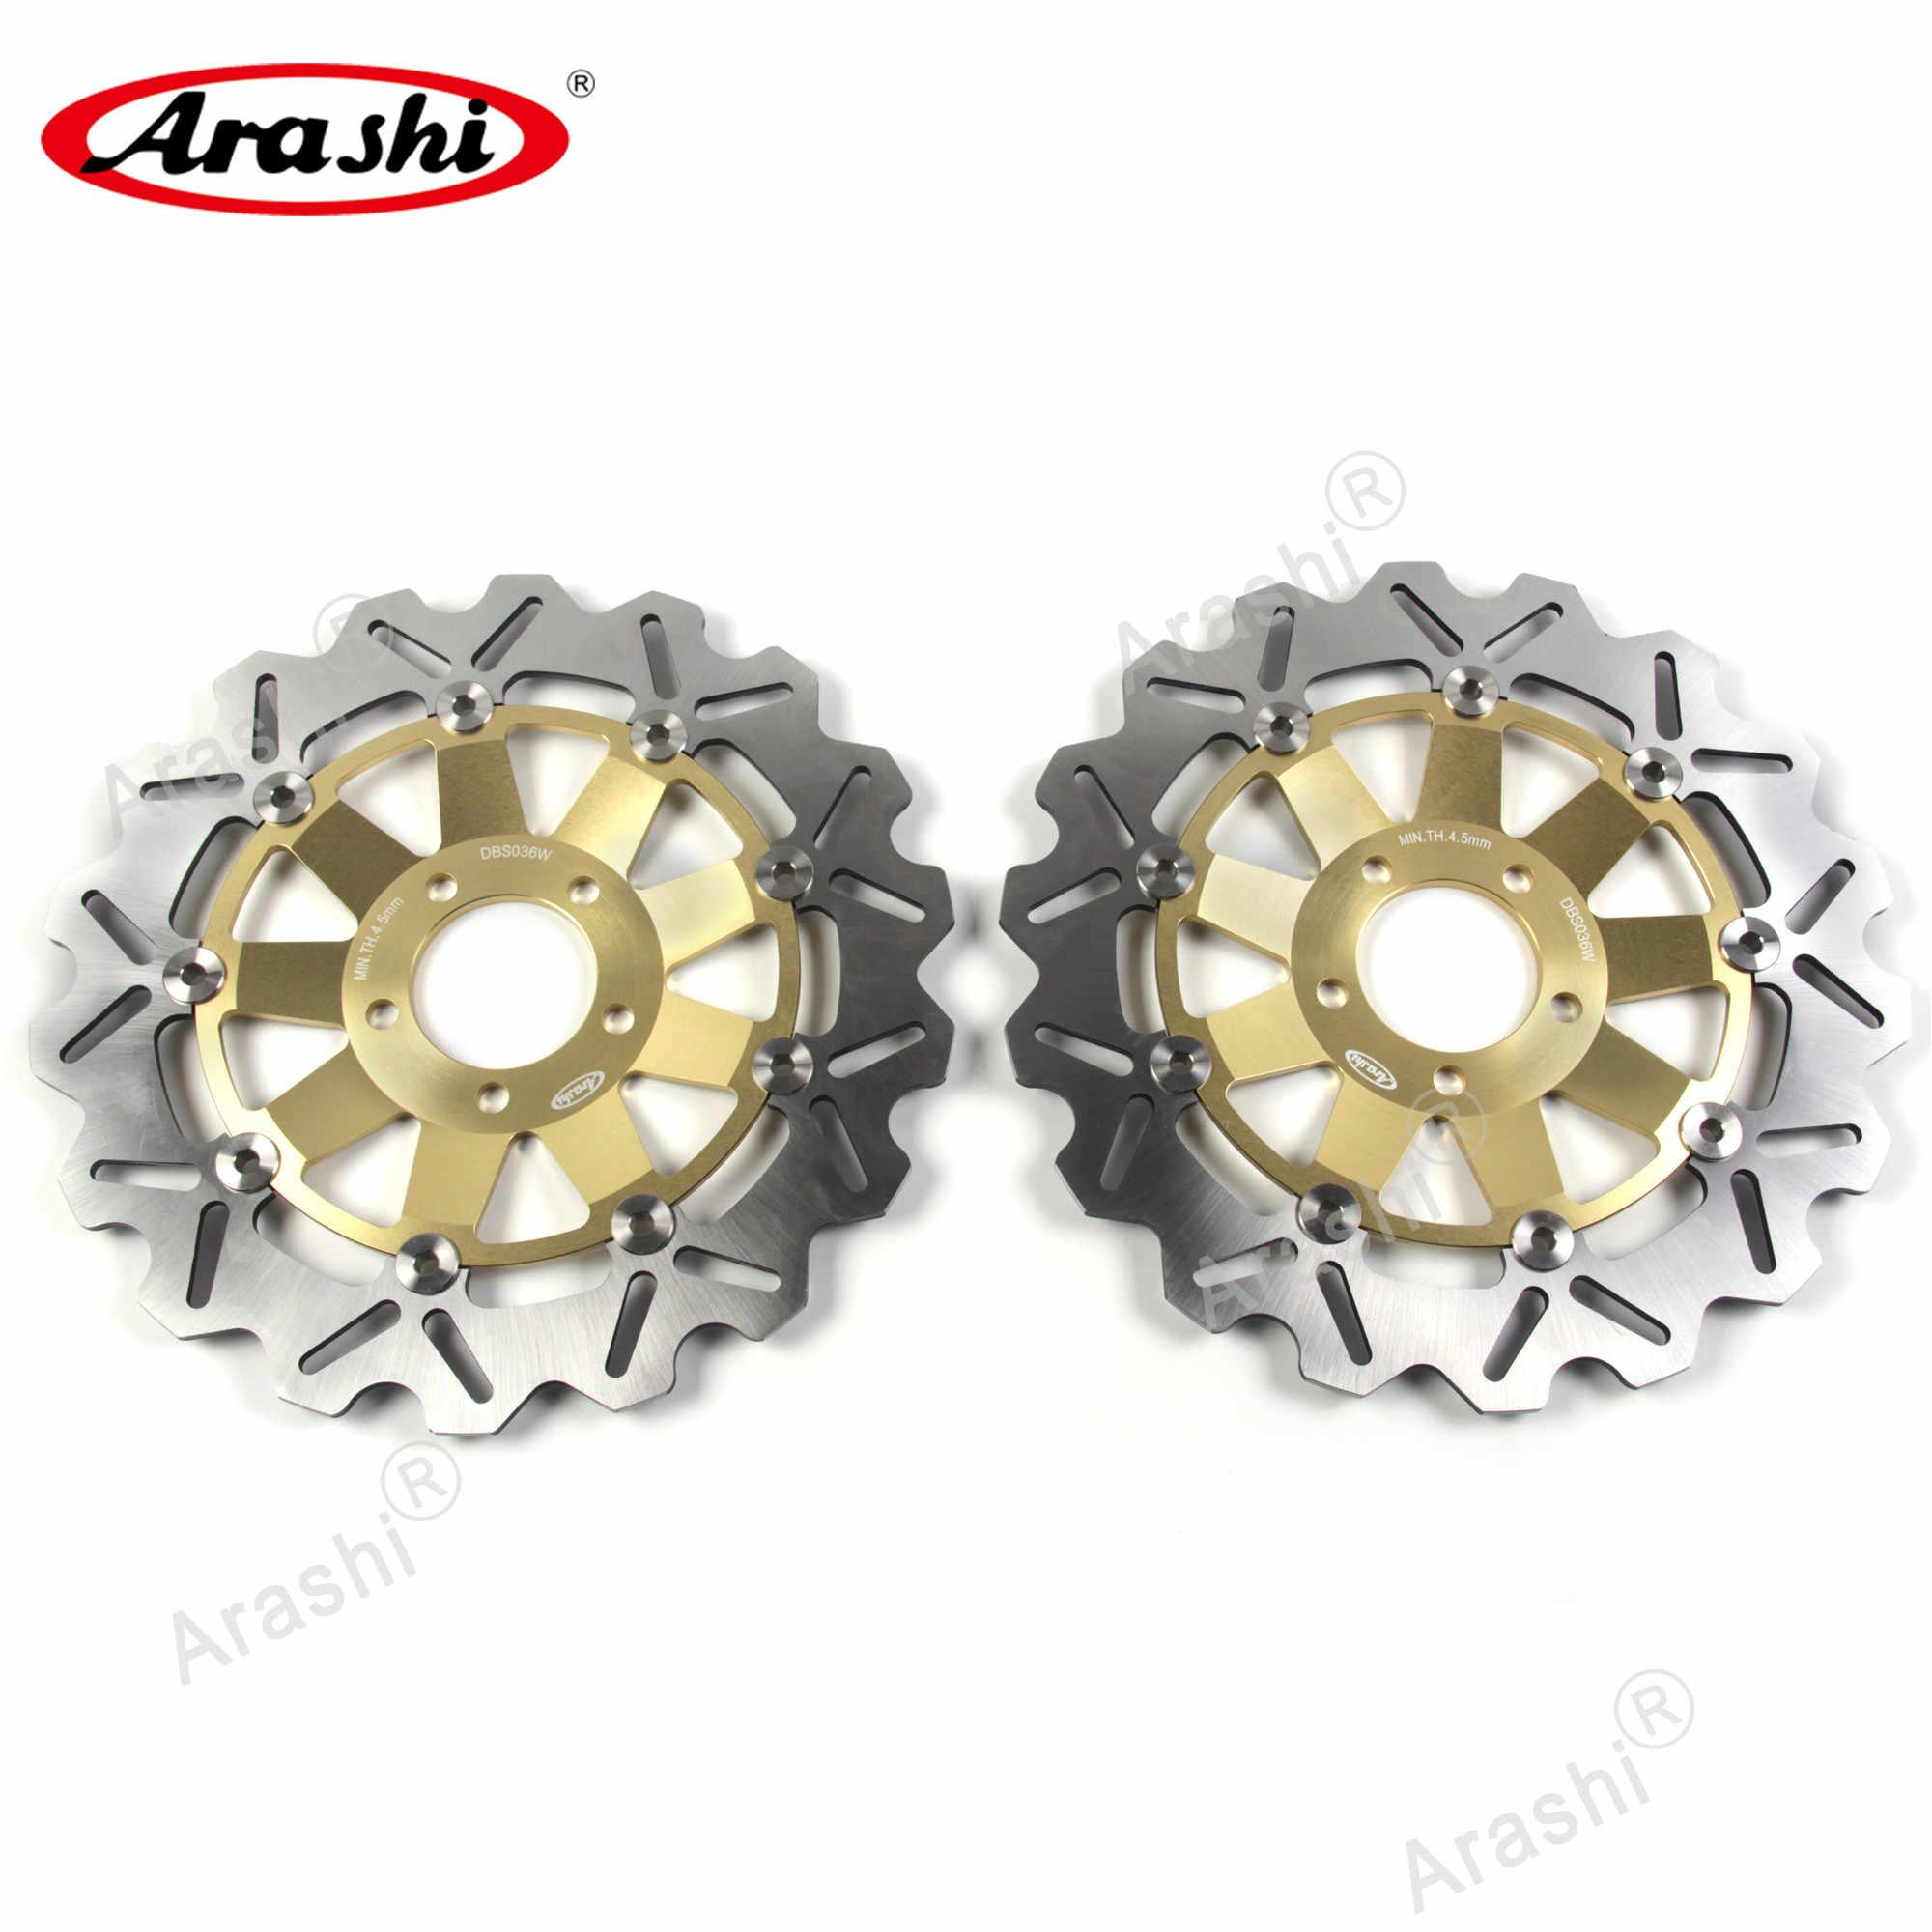 ARASHI For Kawasaki ZX6R NINJA 600 1995-2001 95 96 97 98 99 00 01 CNC Front Brake Rotors Brake Disc ZXR 400 ZX-6R ZX 6R ZZR-600